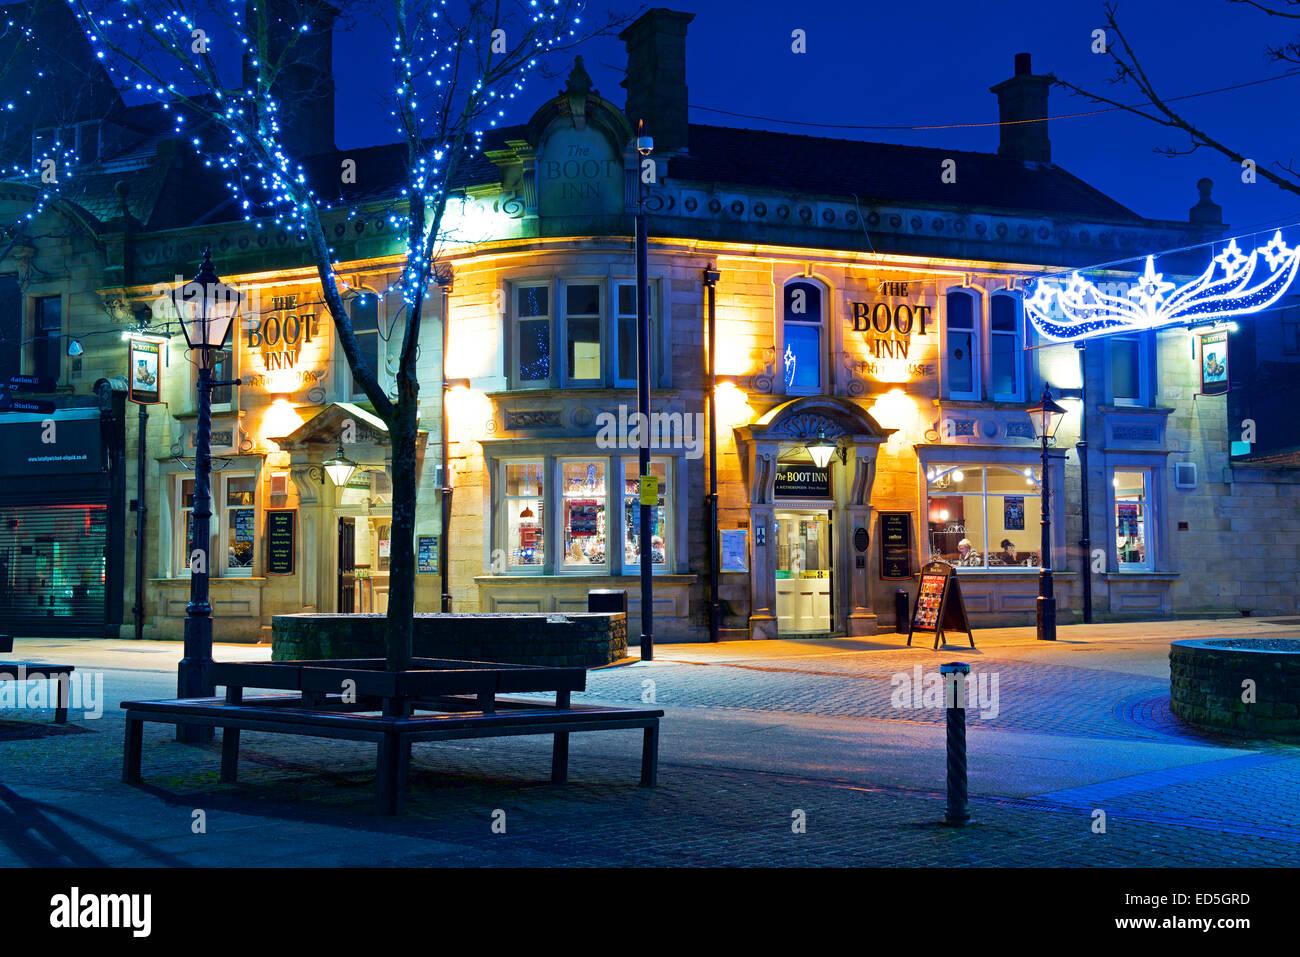 El inicio, un pub Wetherspoons, Burnley, Lancashire, Inglaterra Imagen De Stock